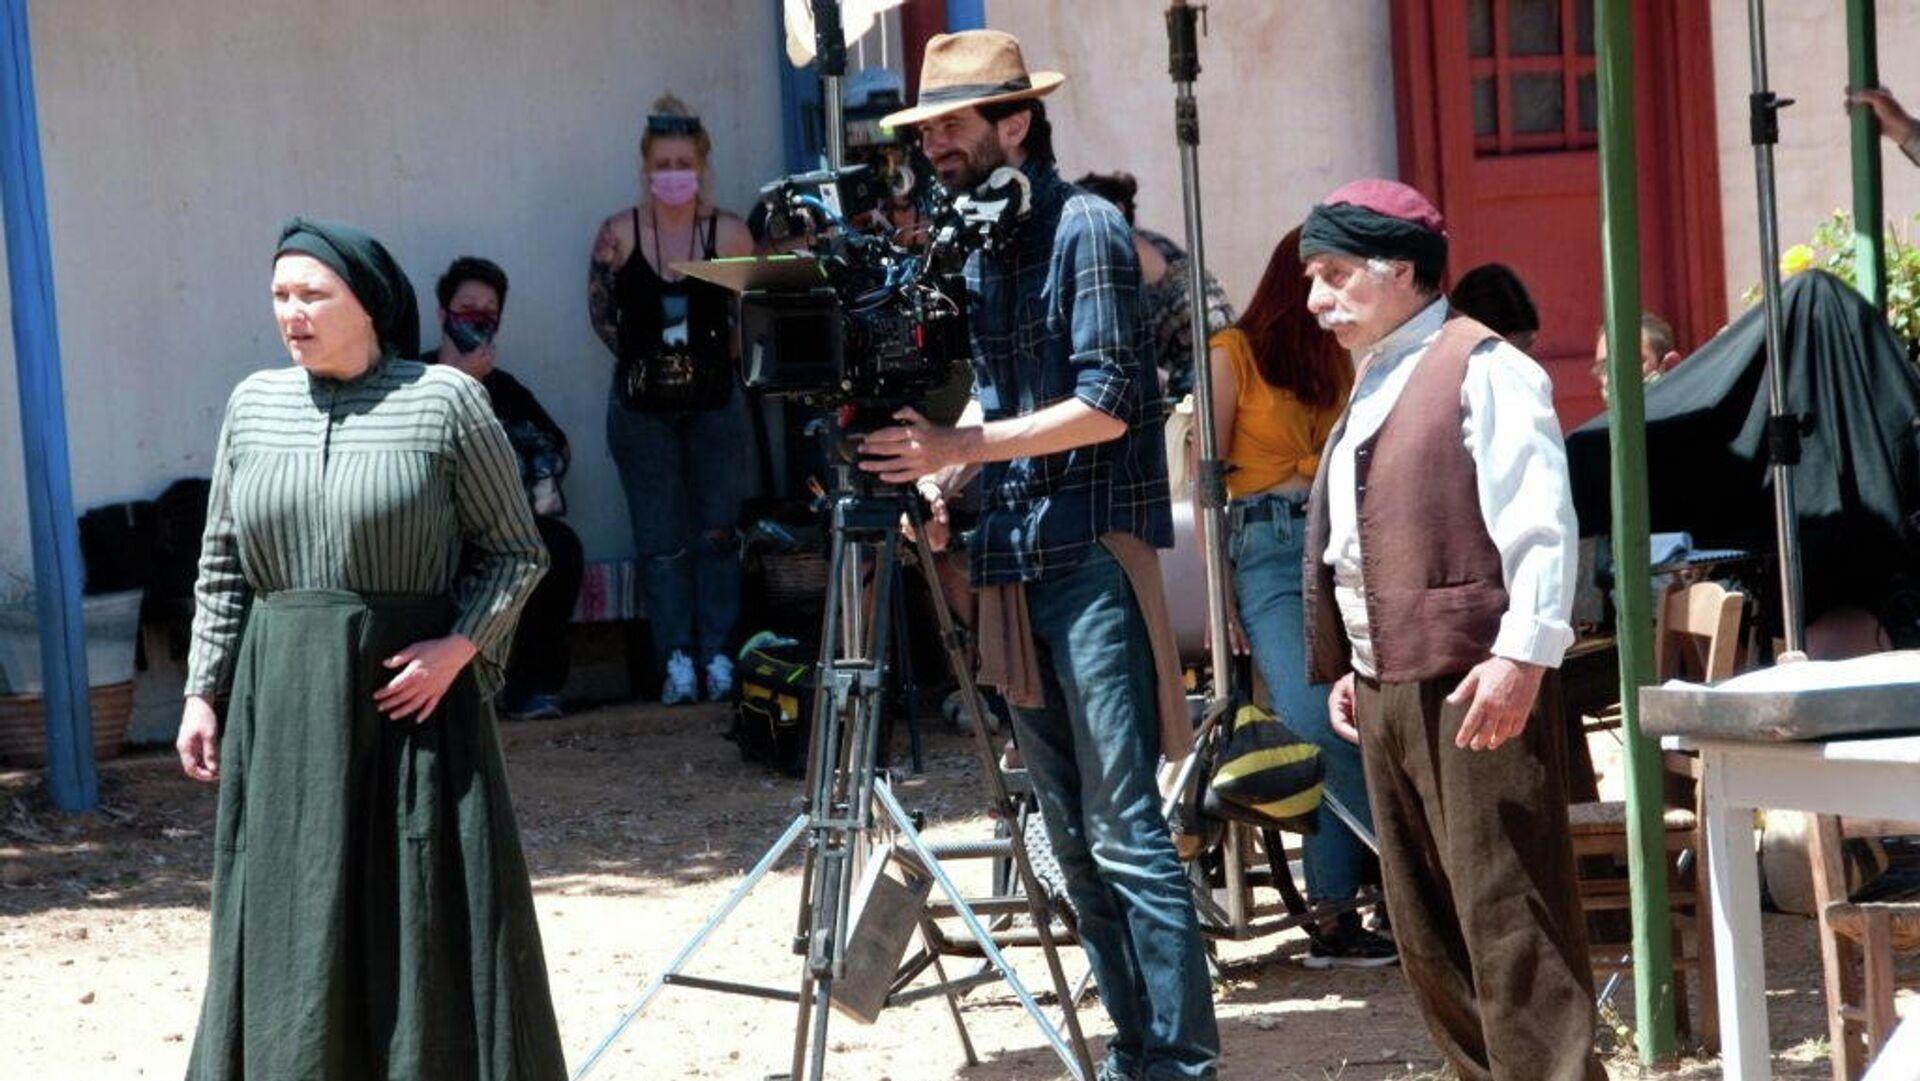 Η Ρένια Λουϊζίδου στα γυρίσματα της σειράς Βαρδιάνος στα σπόρκα (ΕΡΤ) - Sputnik Ελλάδα, 1920, 03.10.2021